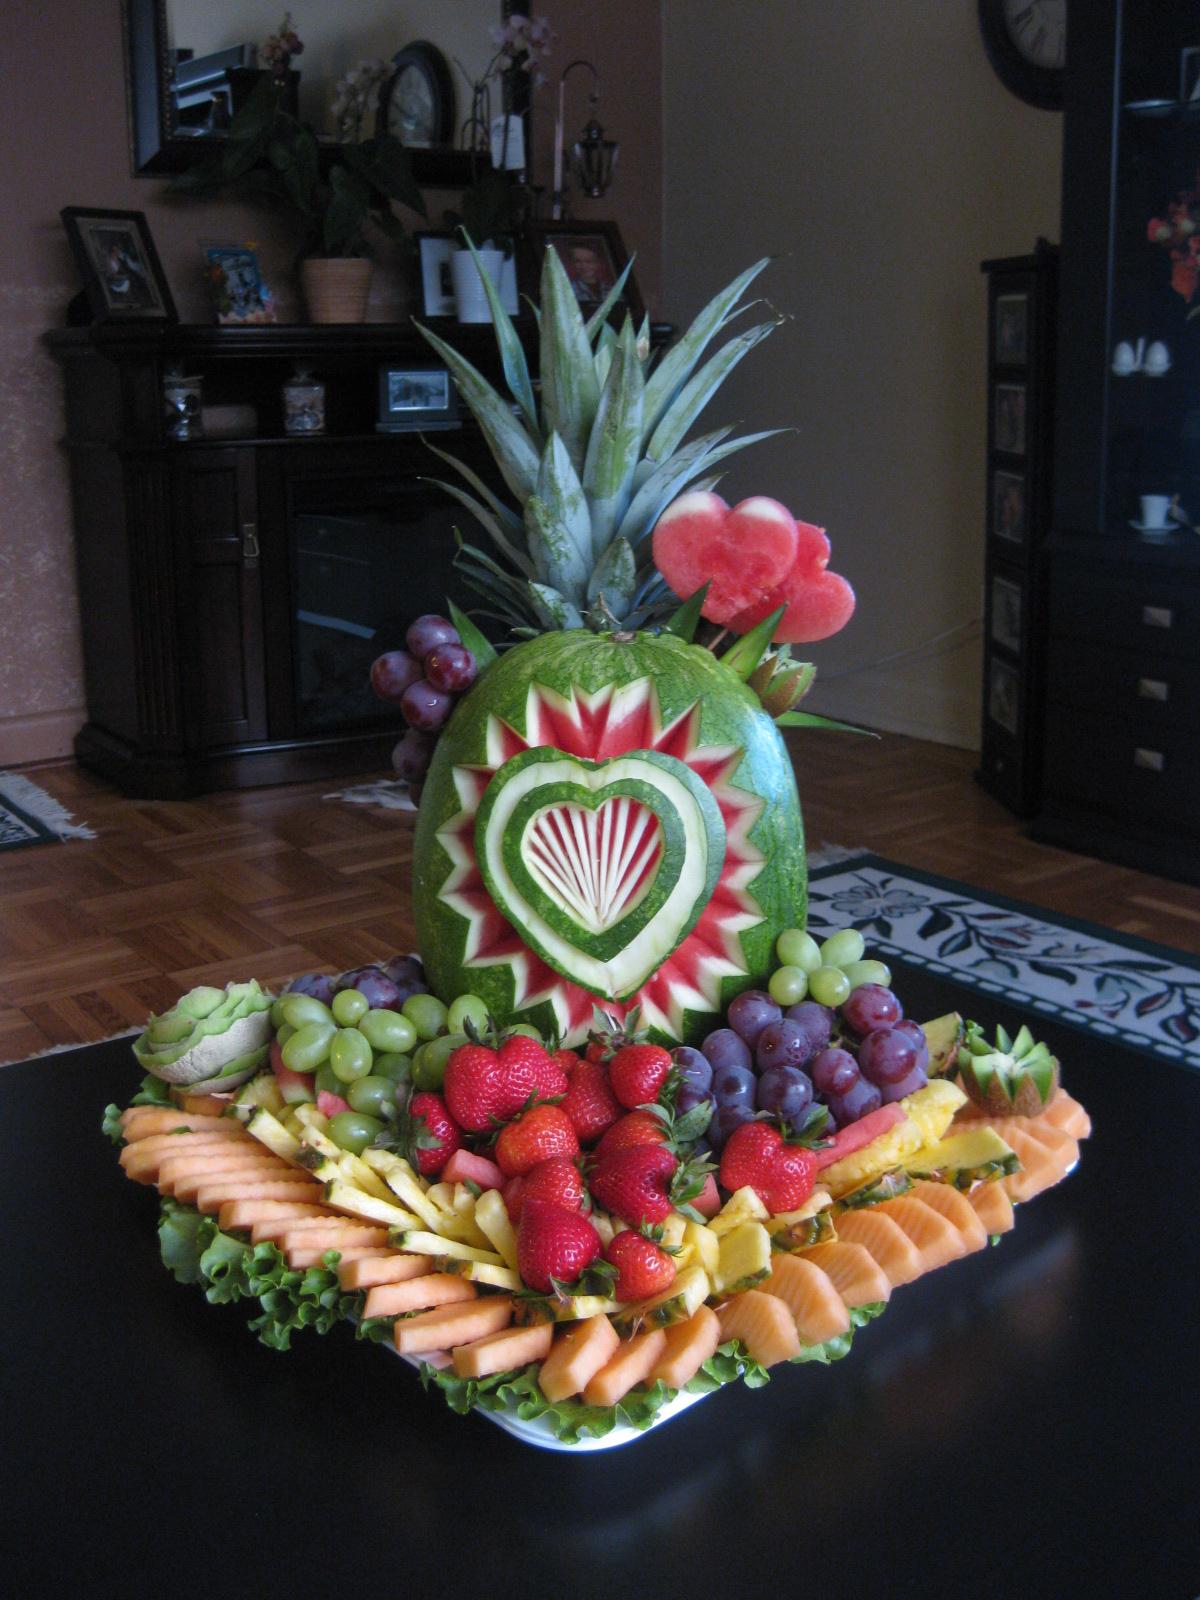 Fruit platter can say it september